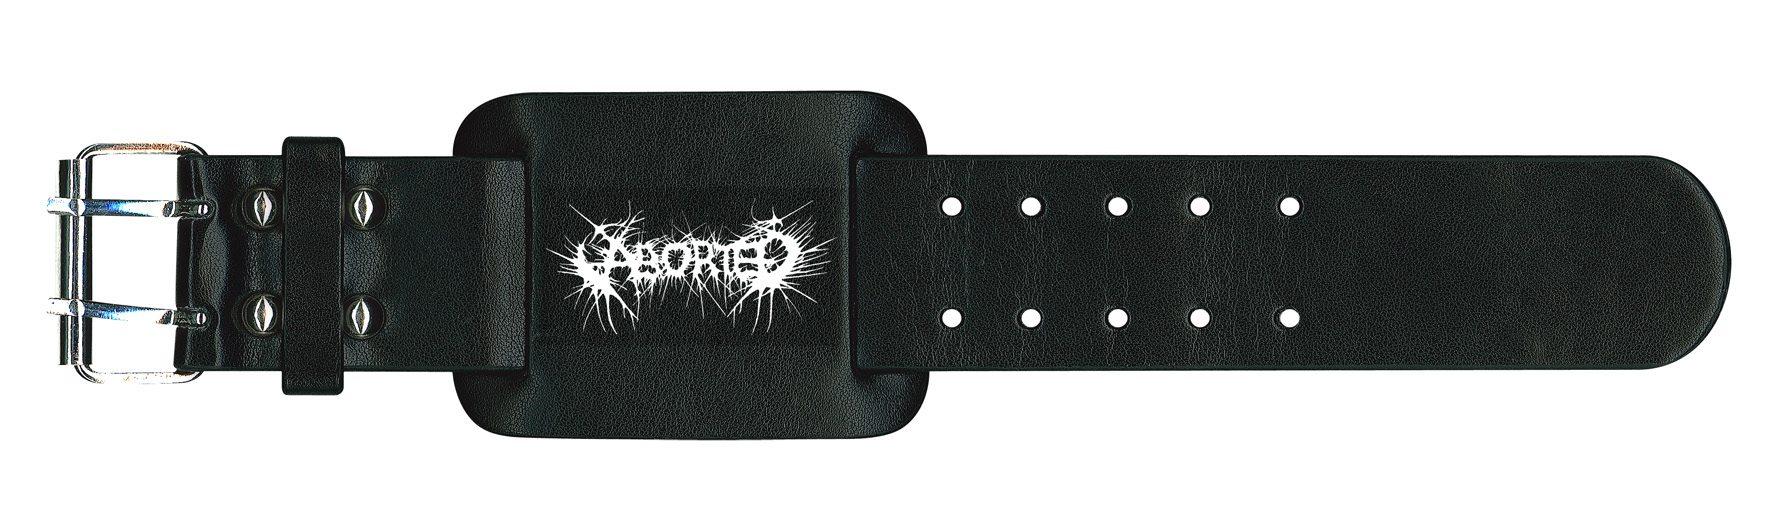 Aborted Leather Wristband Logo